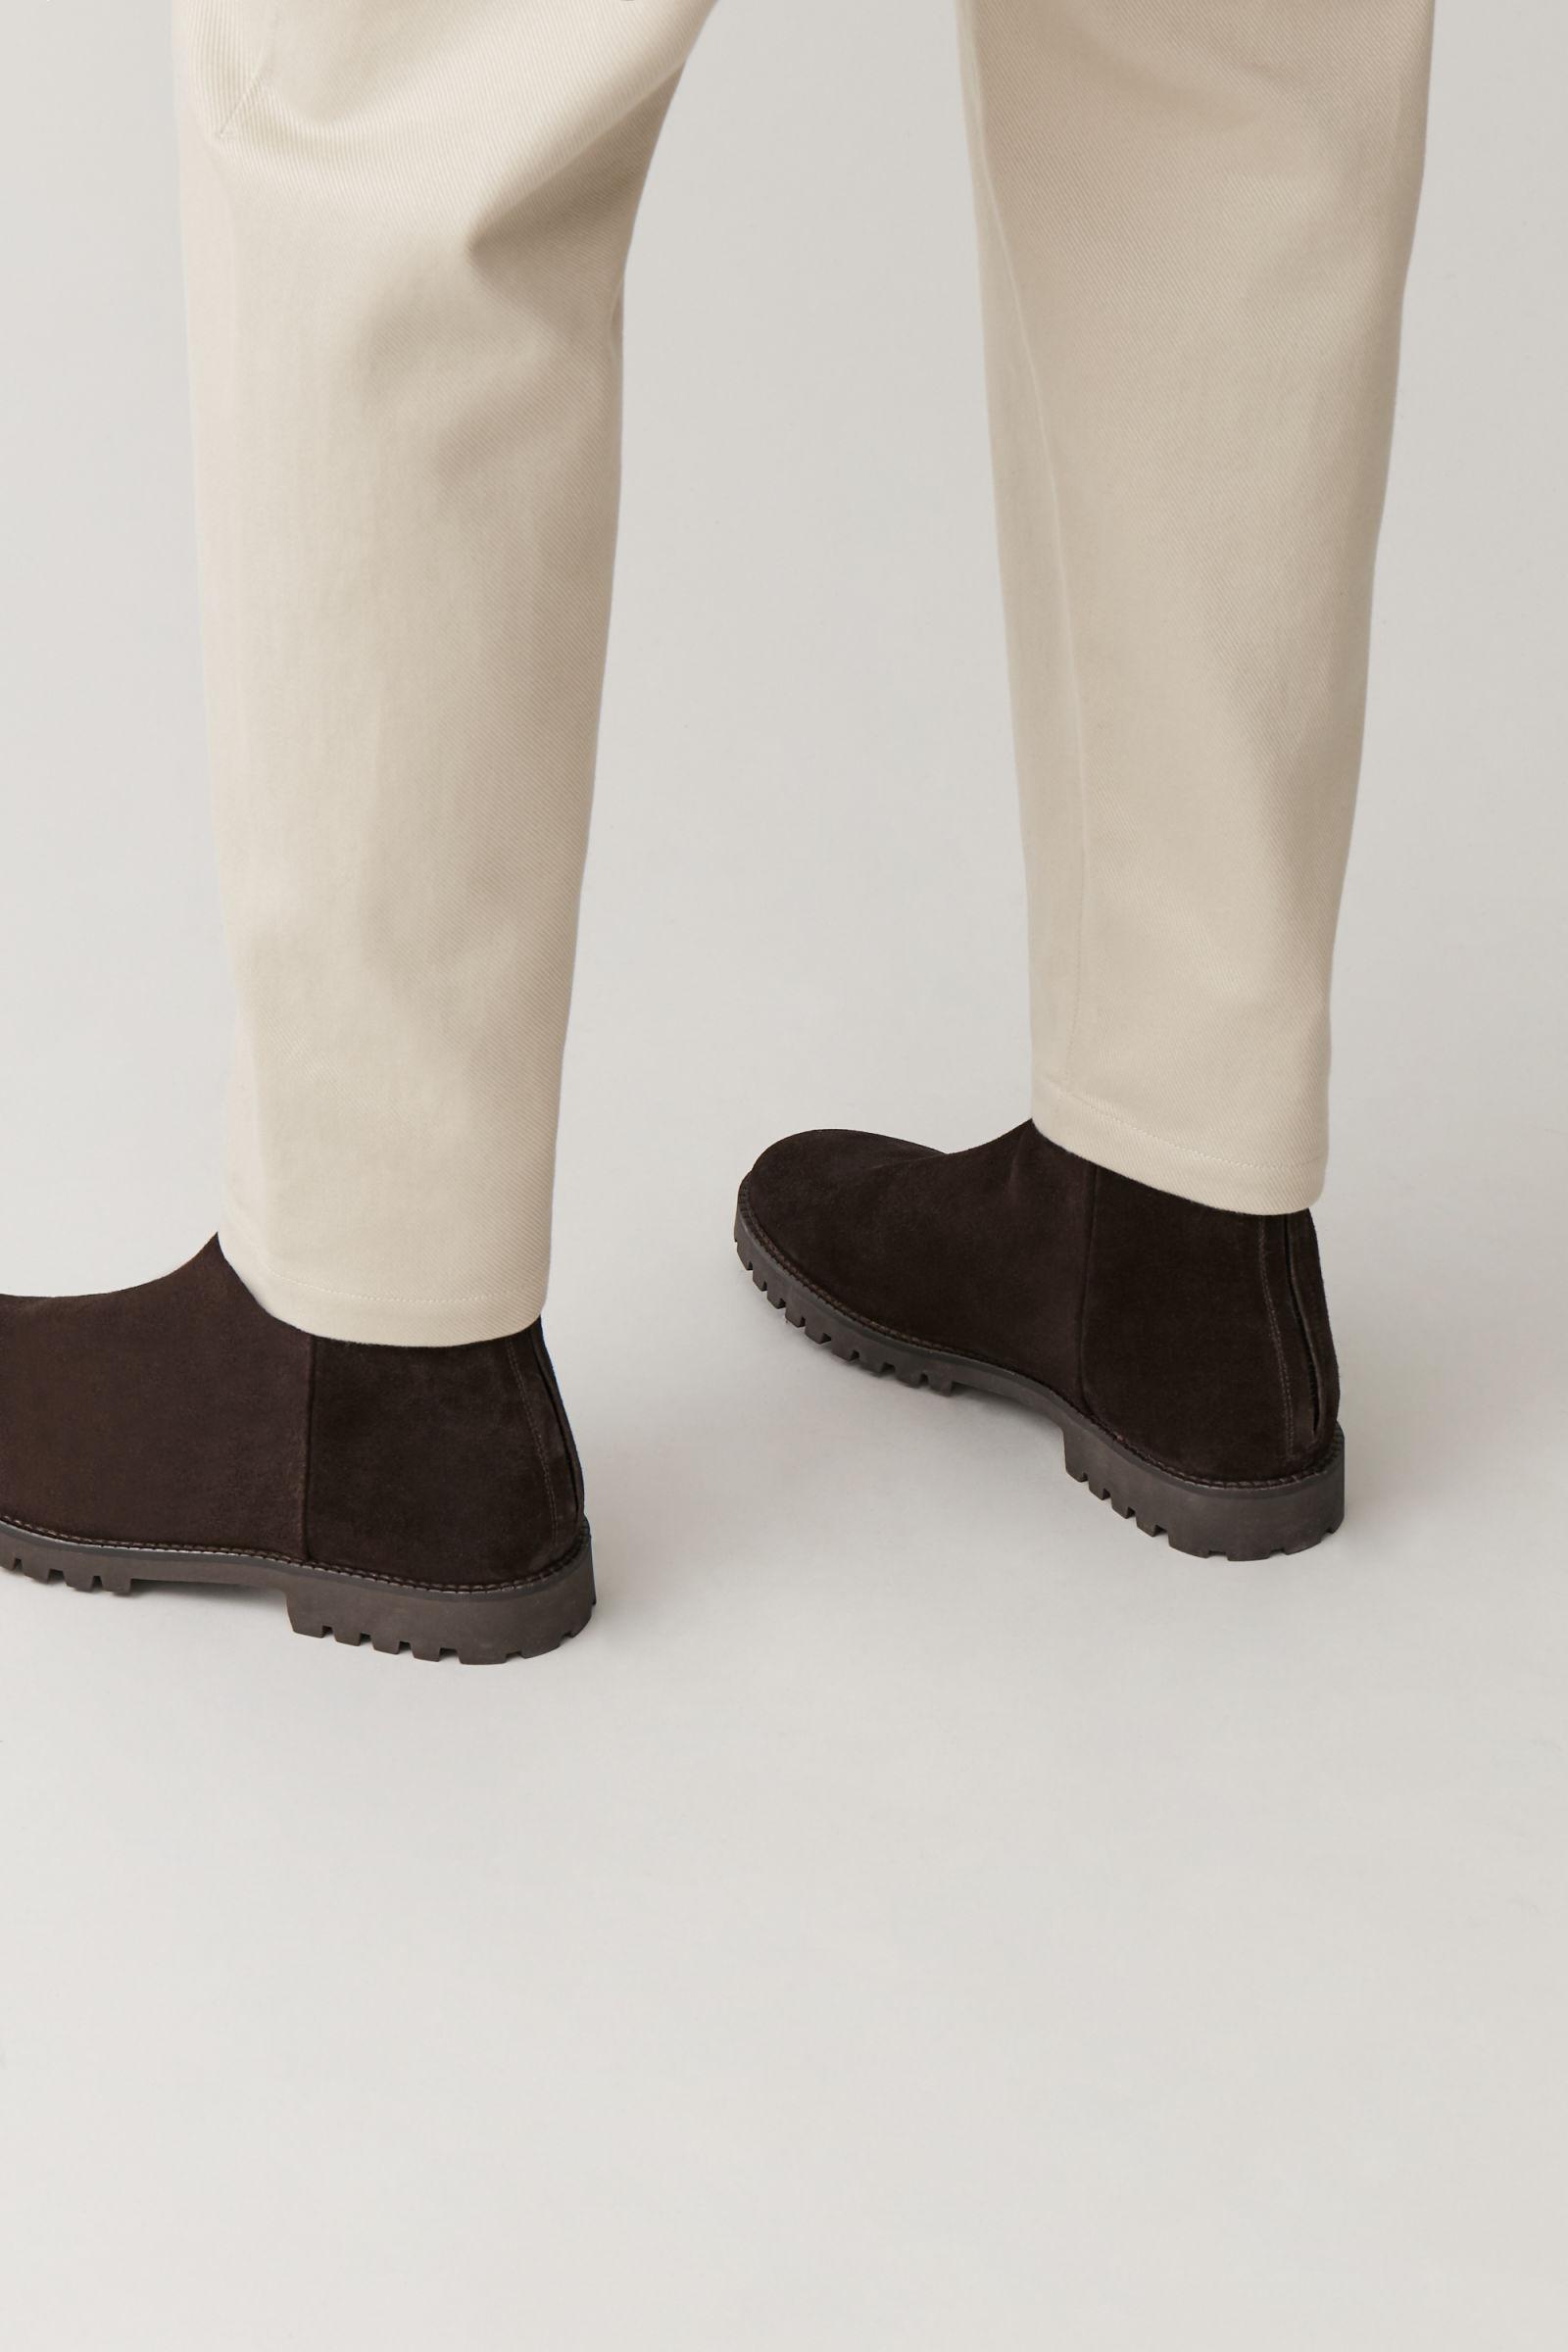 코스 맨 방수 스웨이드 부츠 COS WATERPROOF-SUEDE ZIPPED BOOTS,Dark brown